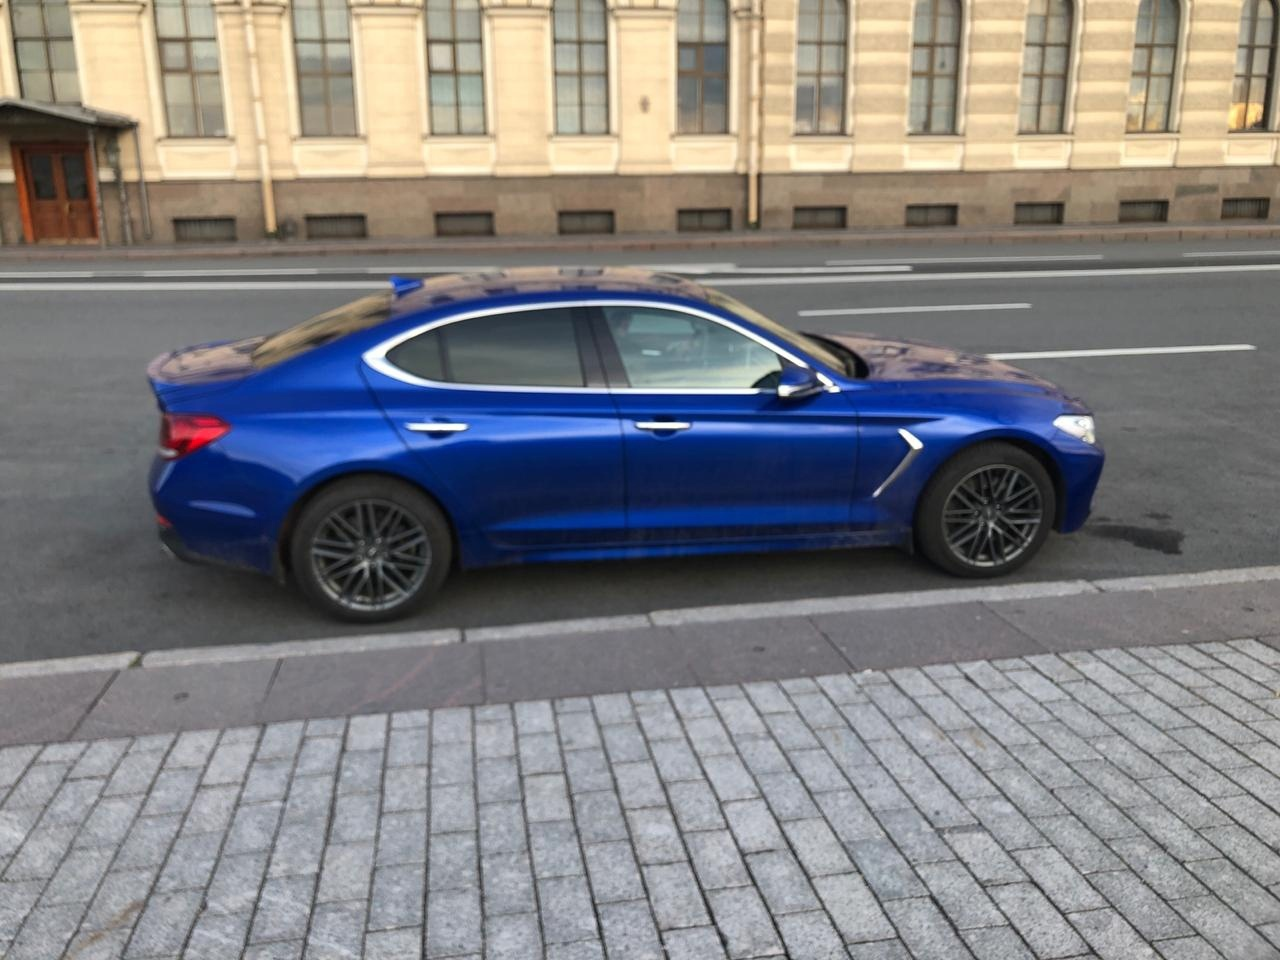 15 июля во второй половине дня угнали машину Hyundai Genesis G70. Машина была припаркована в 300 мет...